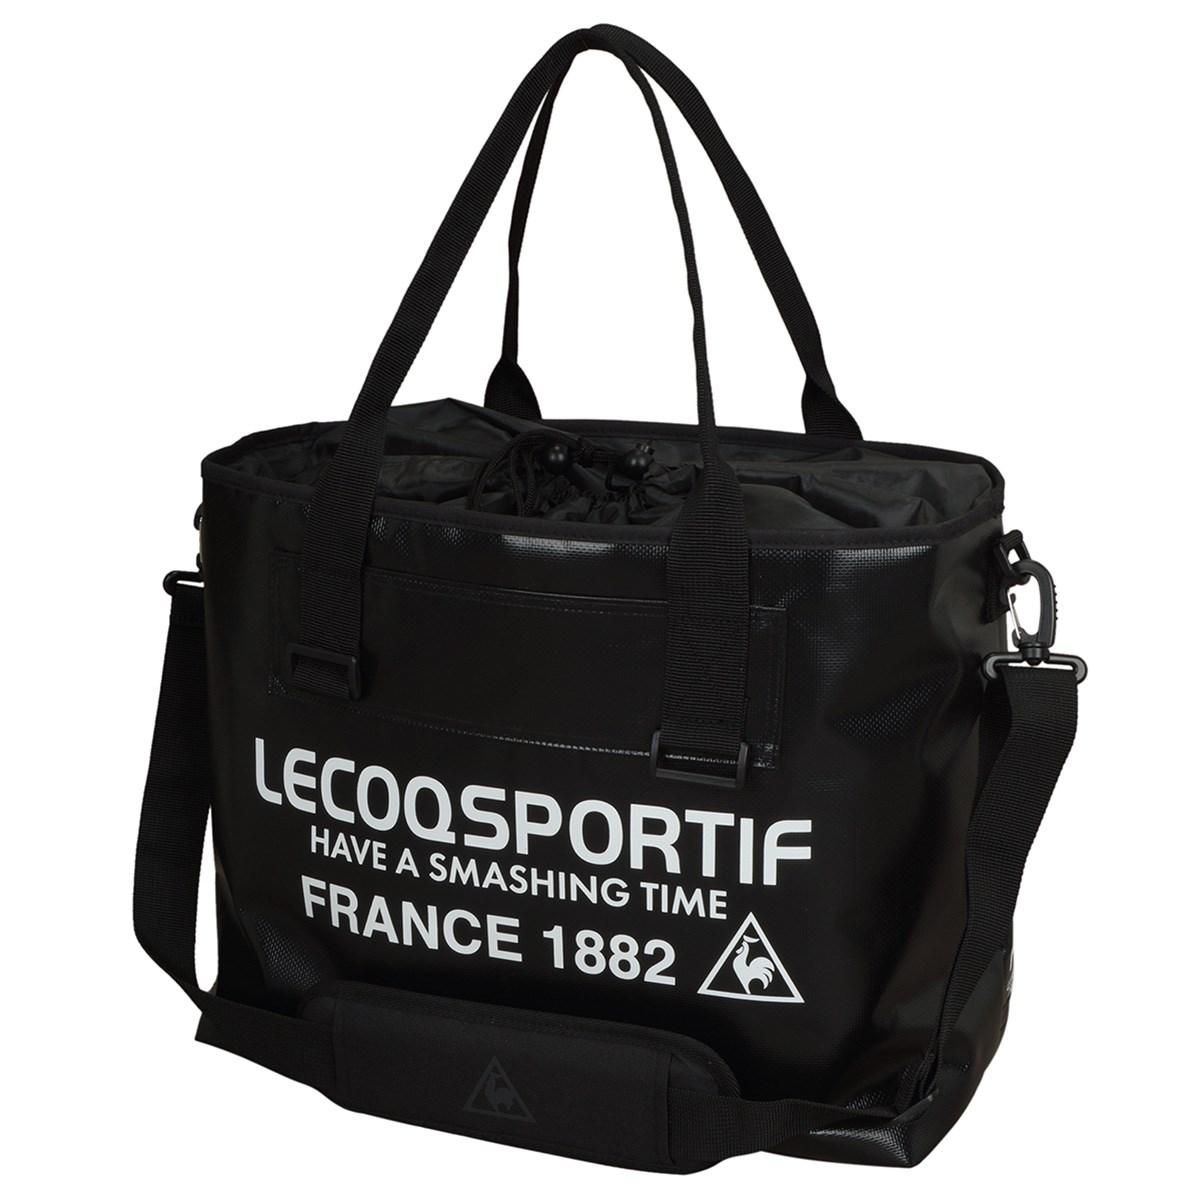 ルコックゴルフ Le coq sportif GOLF ボストンバッグ ブラック 00